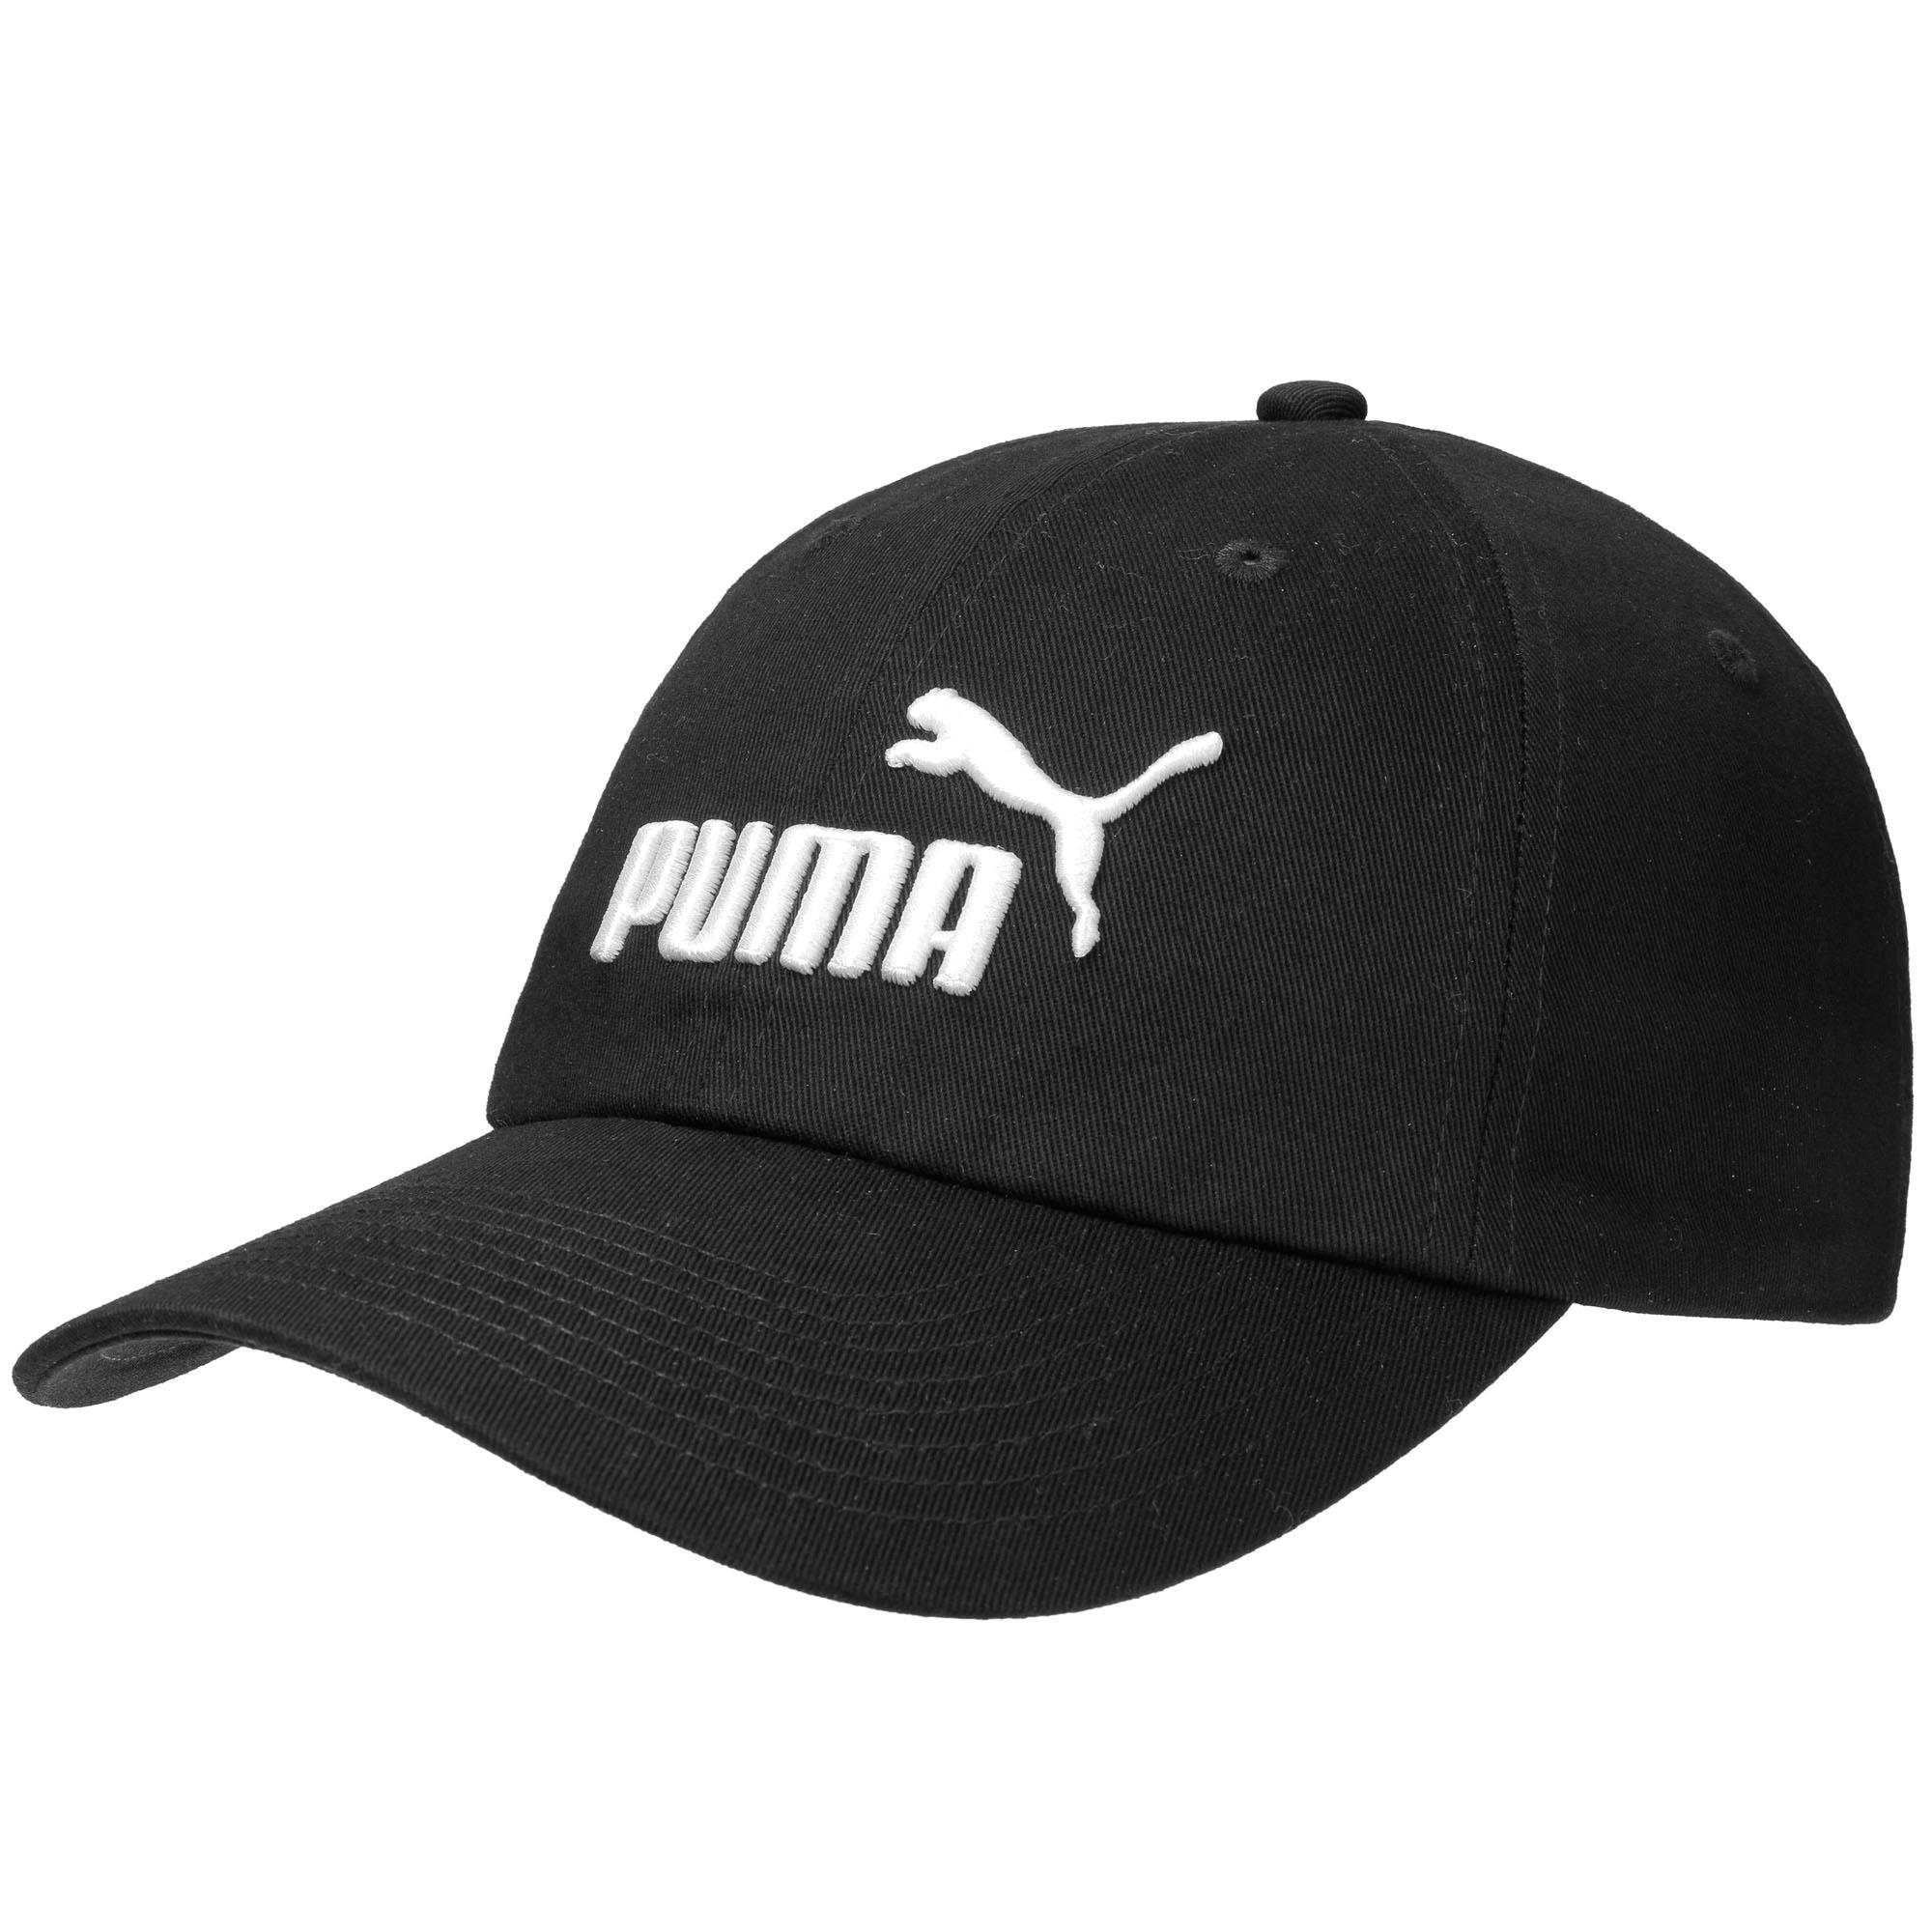 ae5dd0fb938 Details about Puma Essential No.1 Logo Fashion Casual Baseball Cap Hat Black  - ADULT